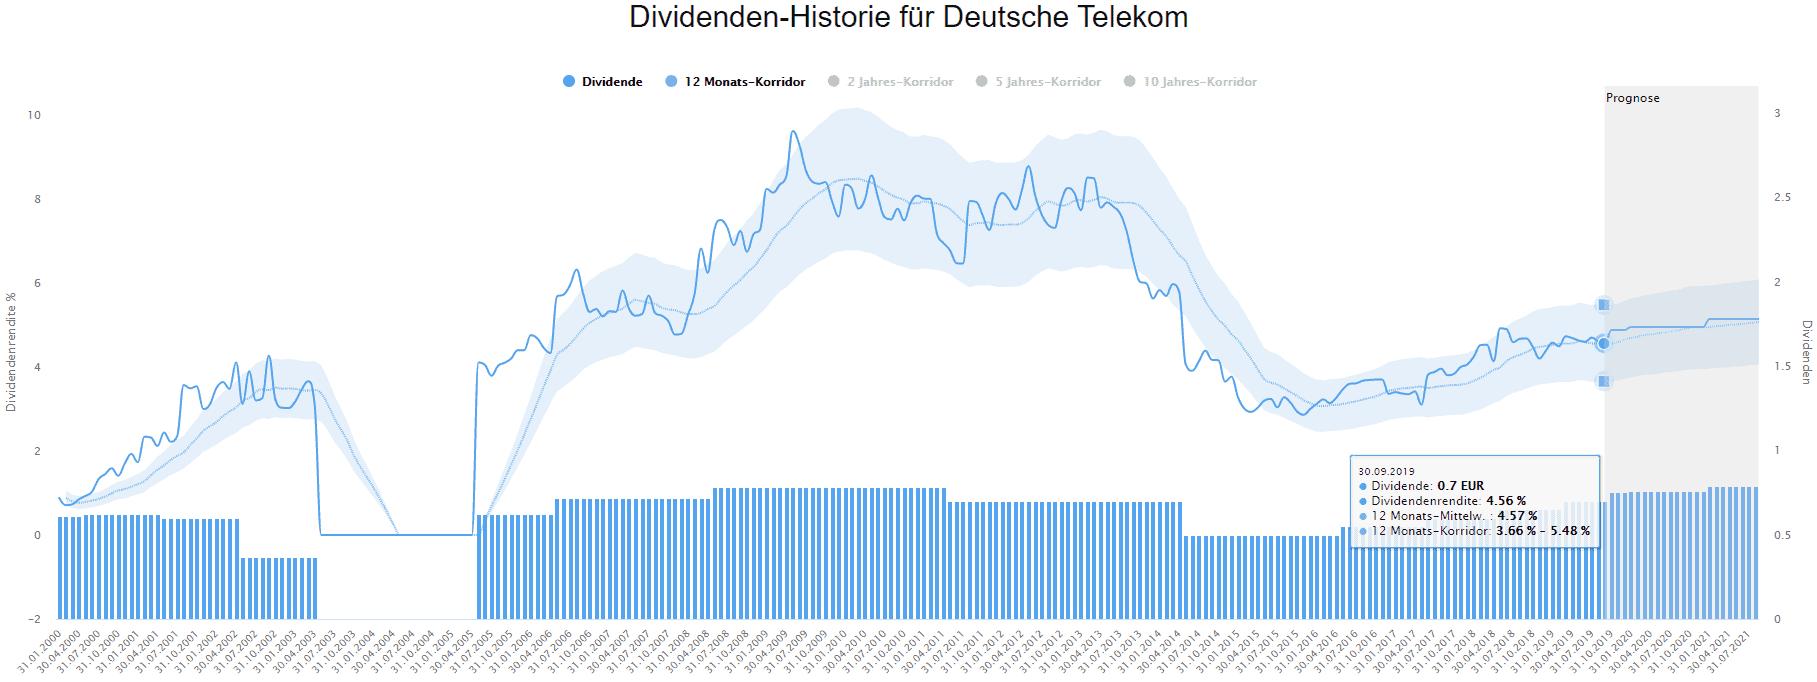 Die Deutsche Telekom im Dividenden-Turbo